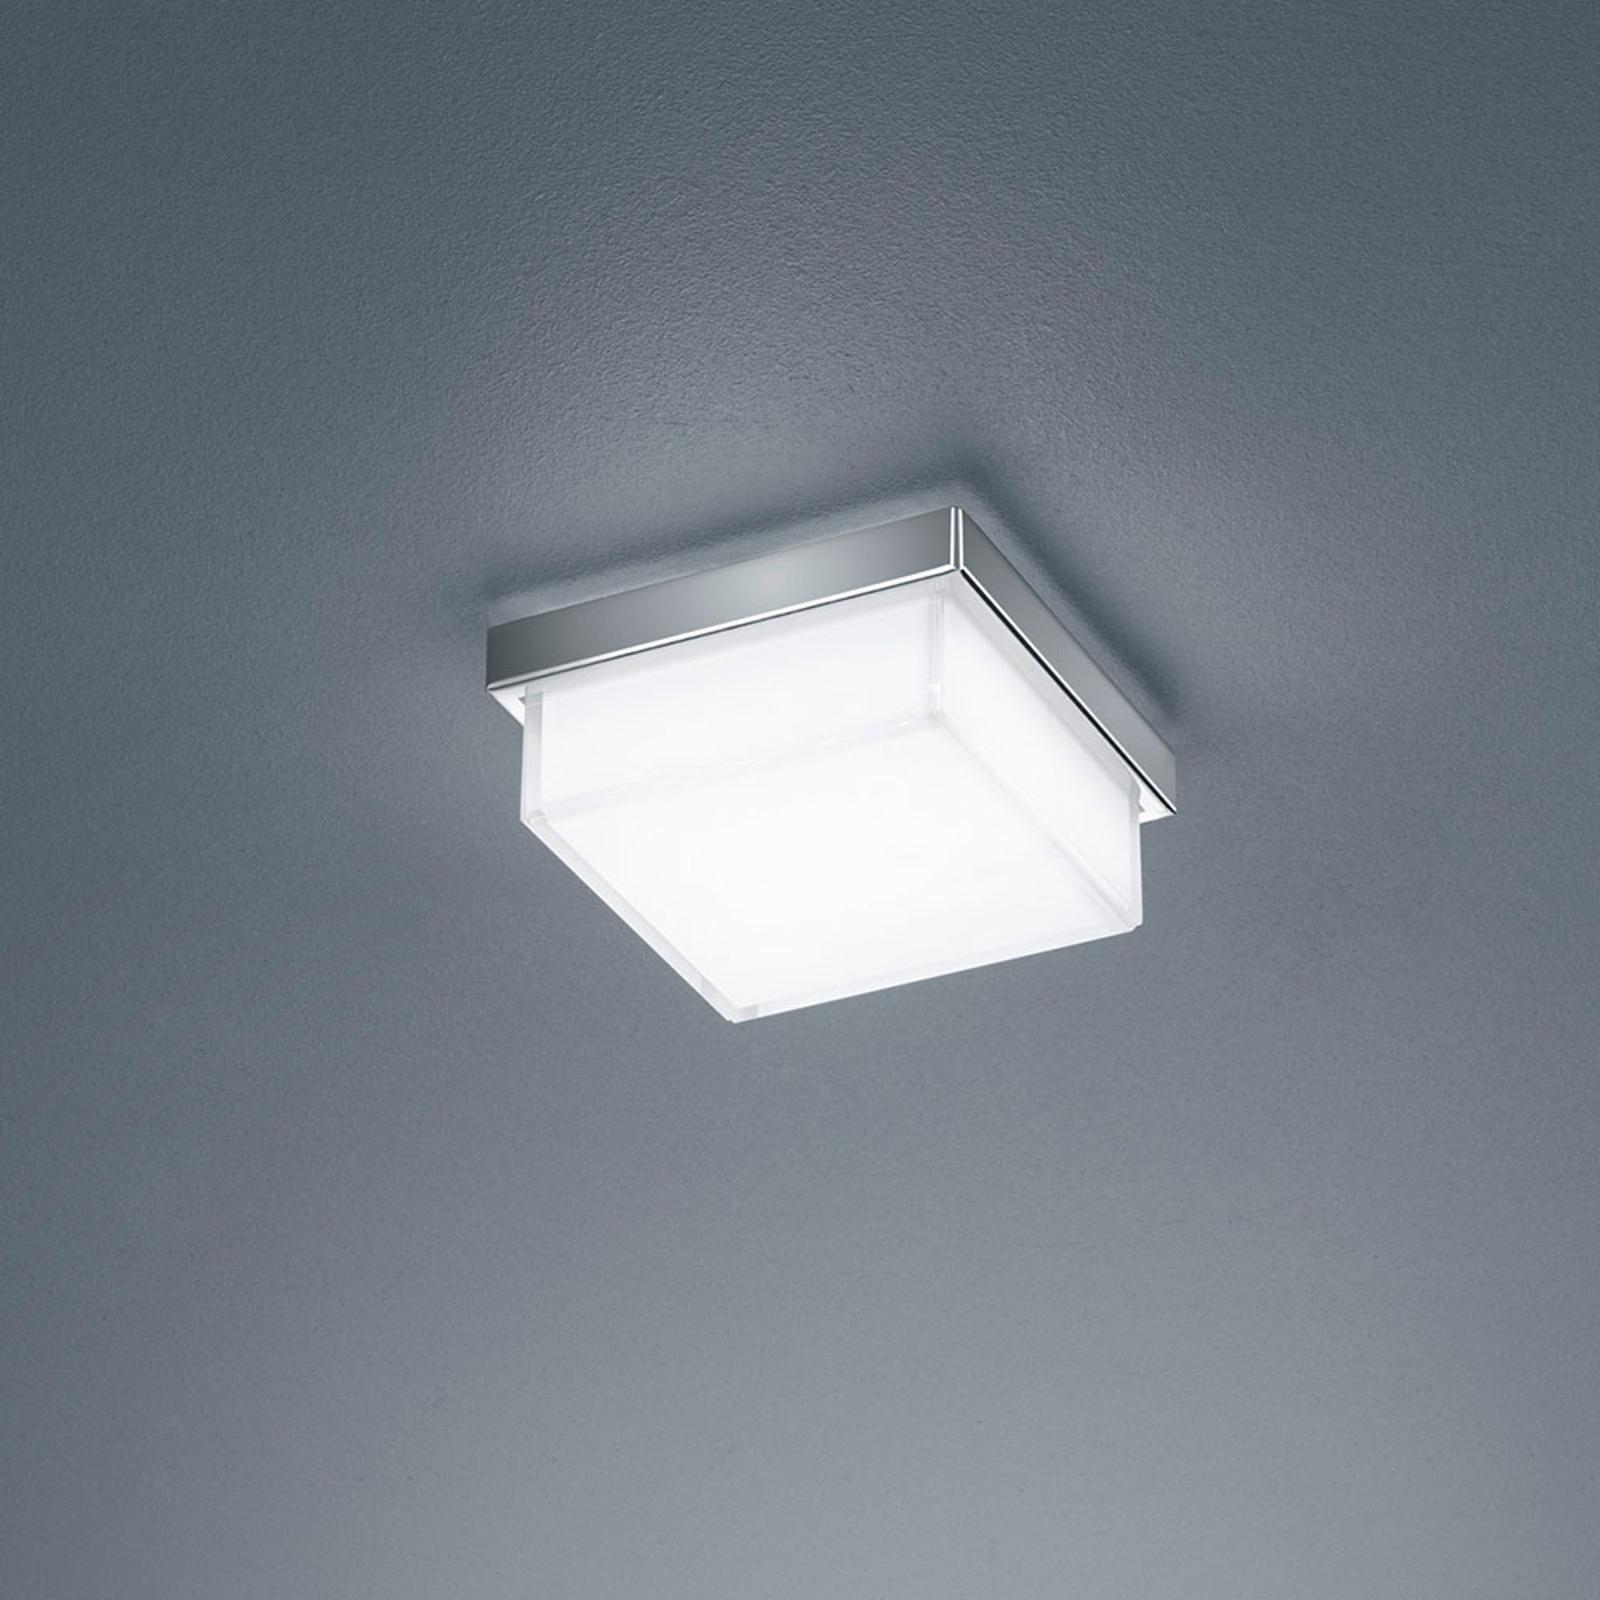 Helestra Cosi plafonnier LED chromé 11x11cm